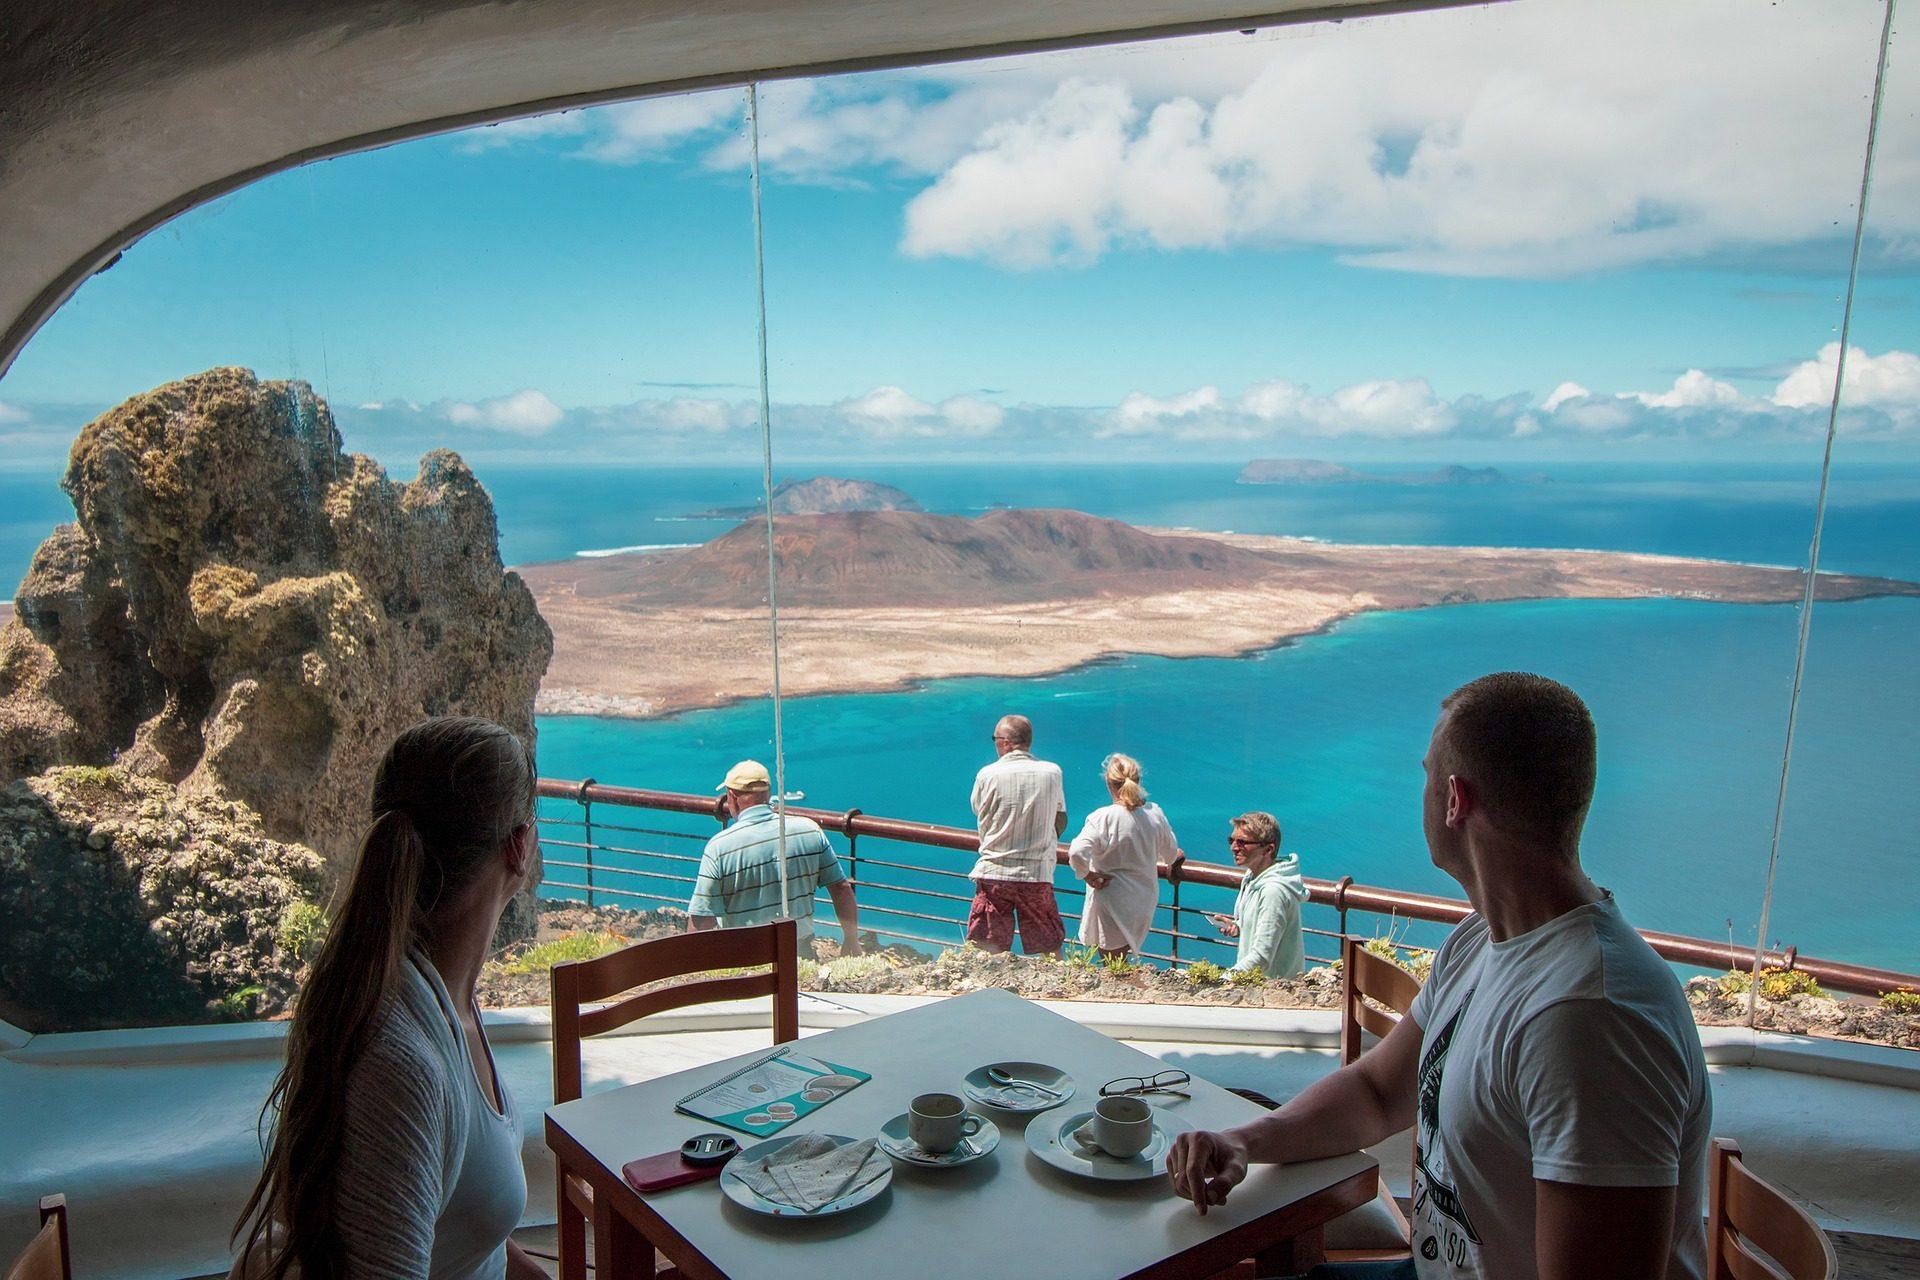 Günstigen Flug und Mietwagen auf Lanzerote - Rundreisen ab 90,46€ p.P im Restaurant mit dieser Aussicht